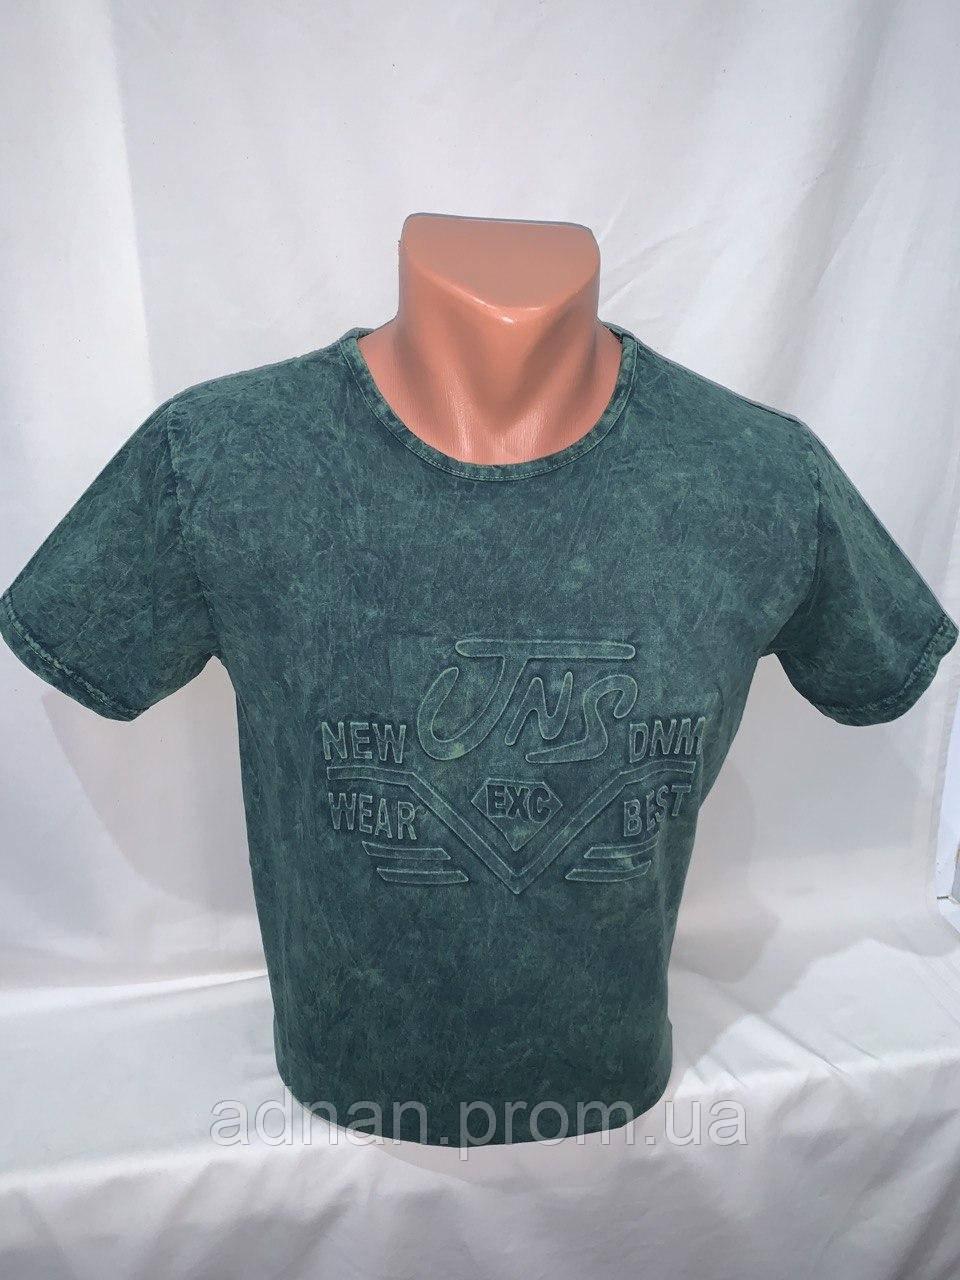 Футболка мужская варенка Regata, накатка стрейч коттон TNS 003 \ купить футболку мужскую оптом